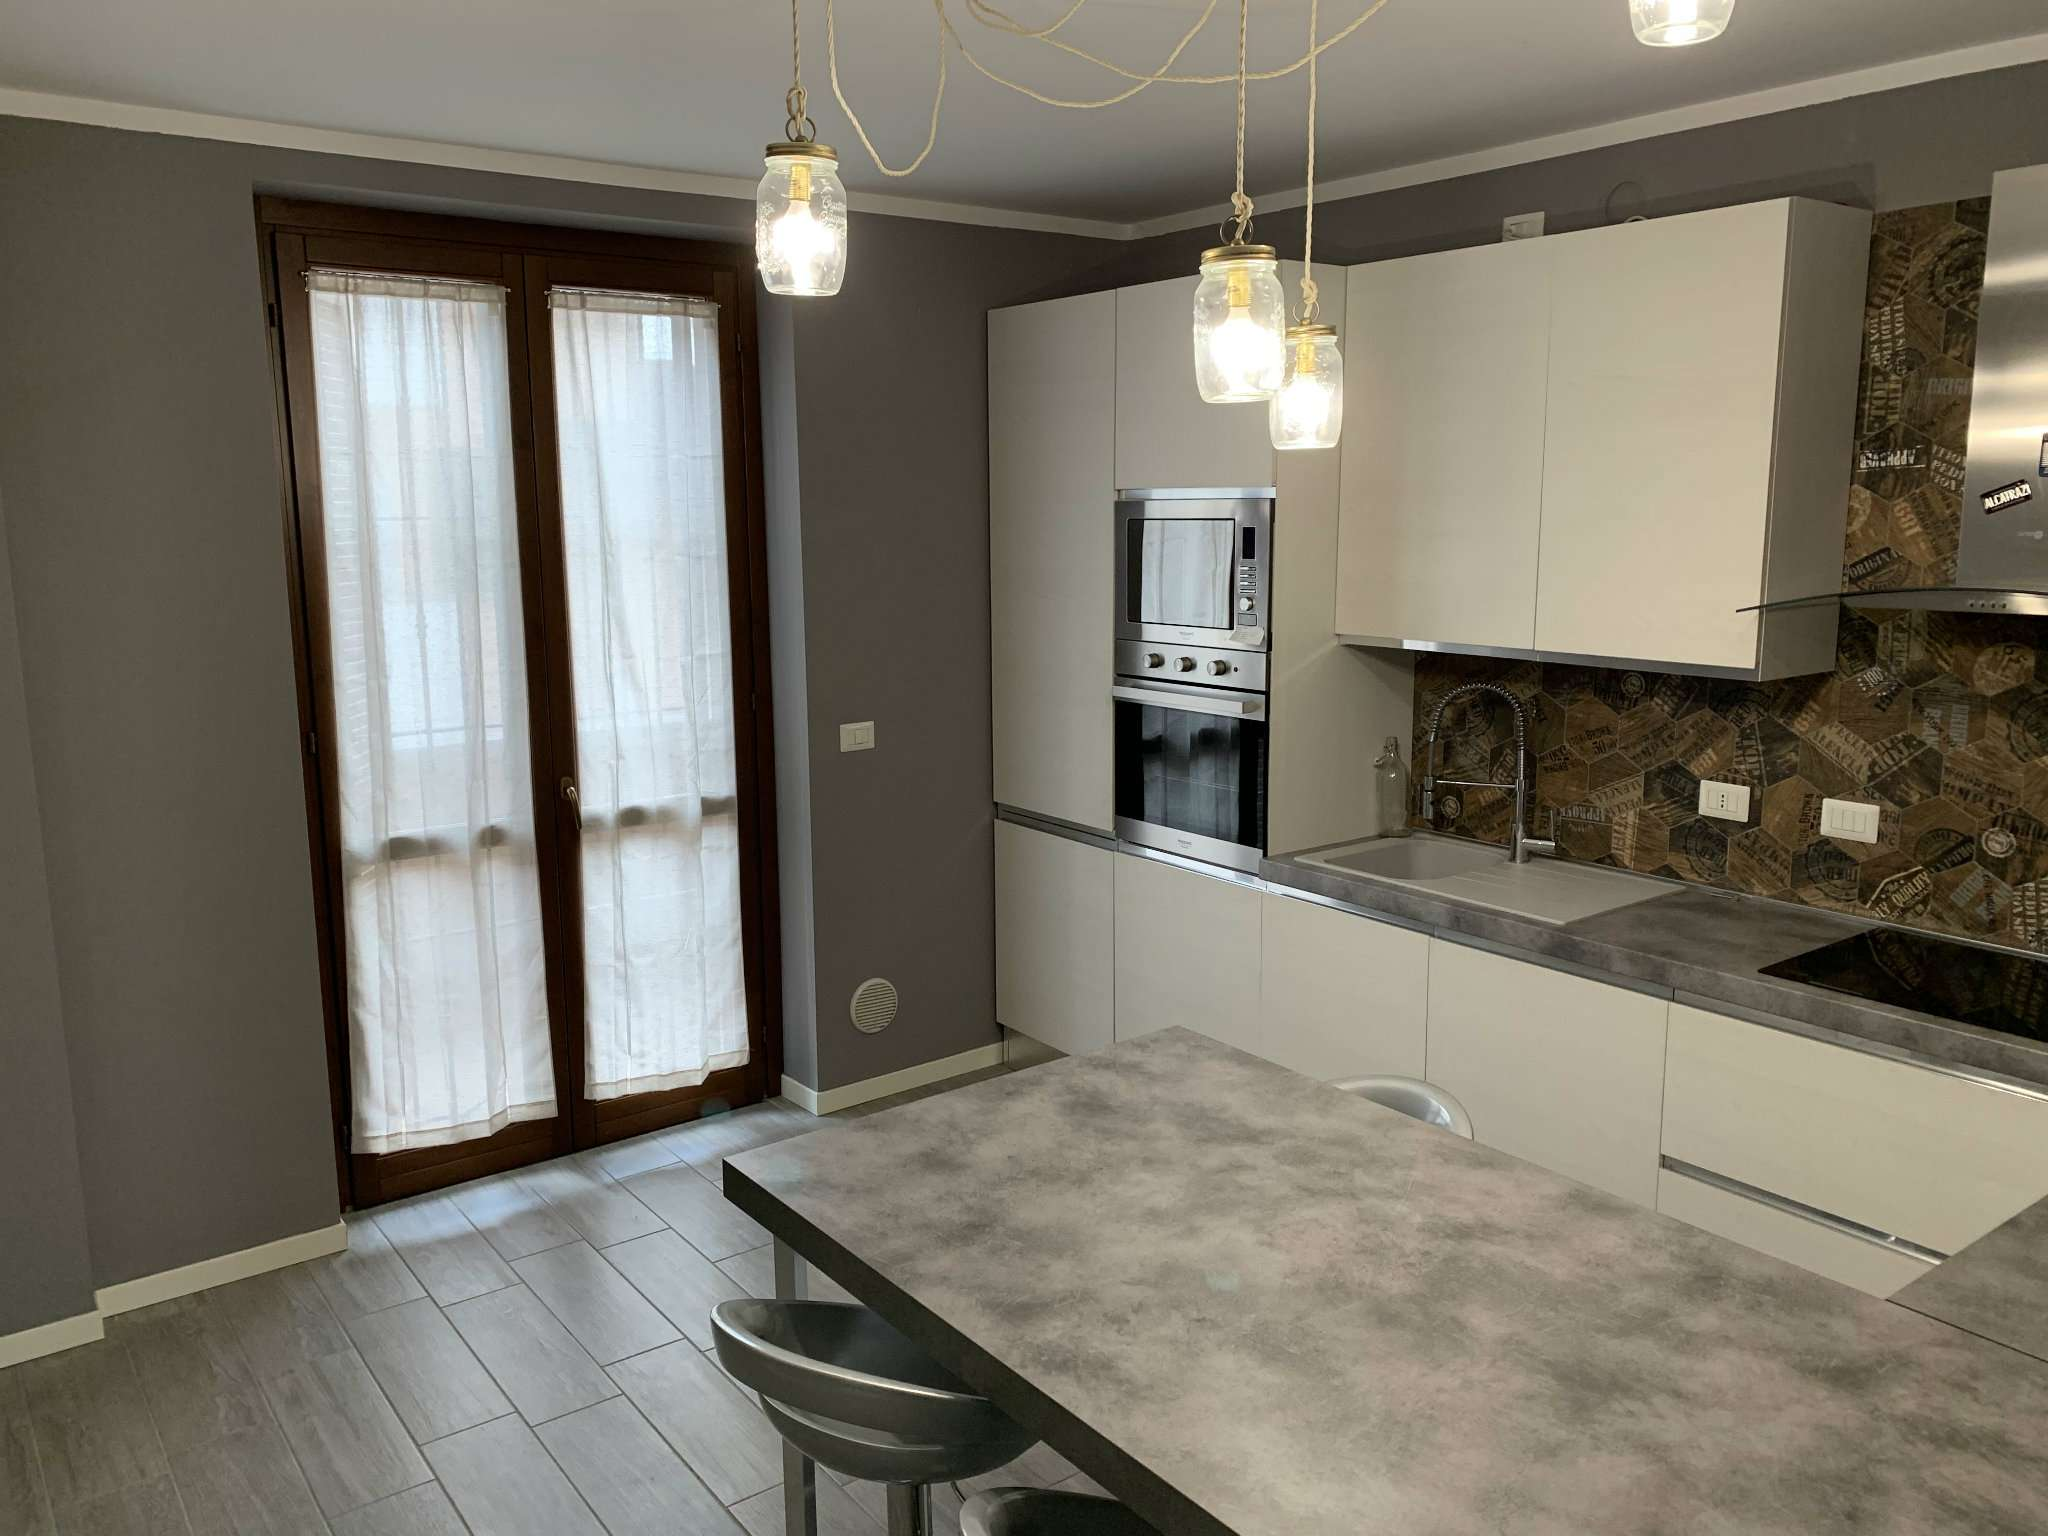 Appartamento in vendita a Caronno Pertusella, 4 locali, prezzo € 275.000 | PortaleAgenzieImmobiliari.it